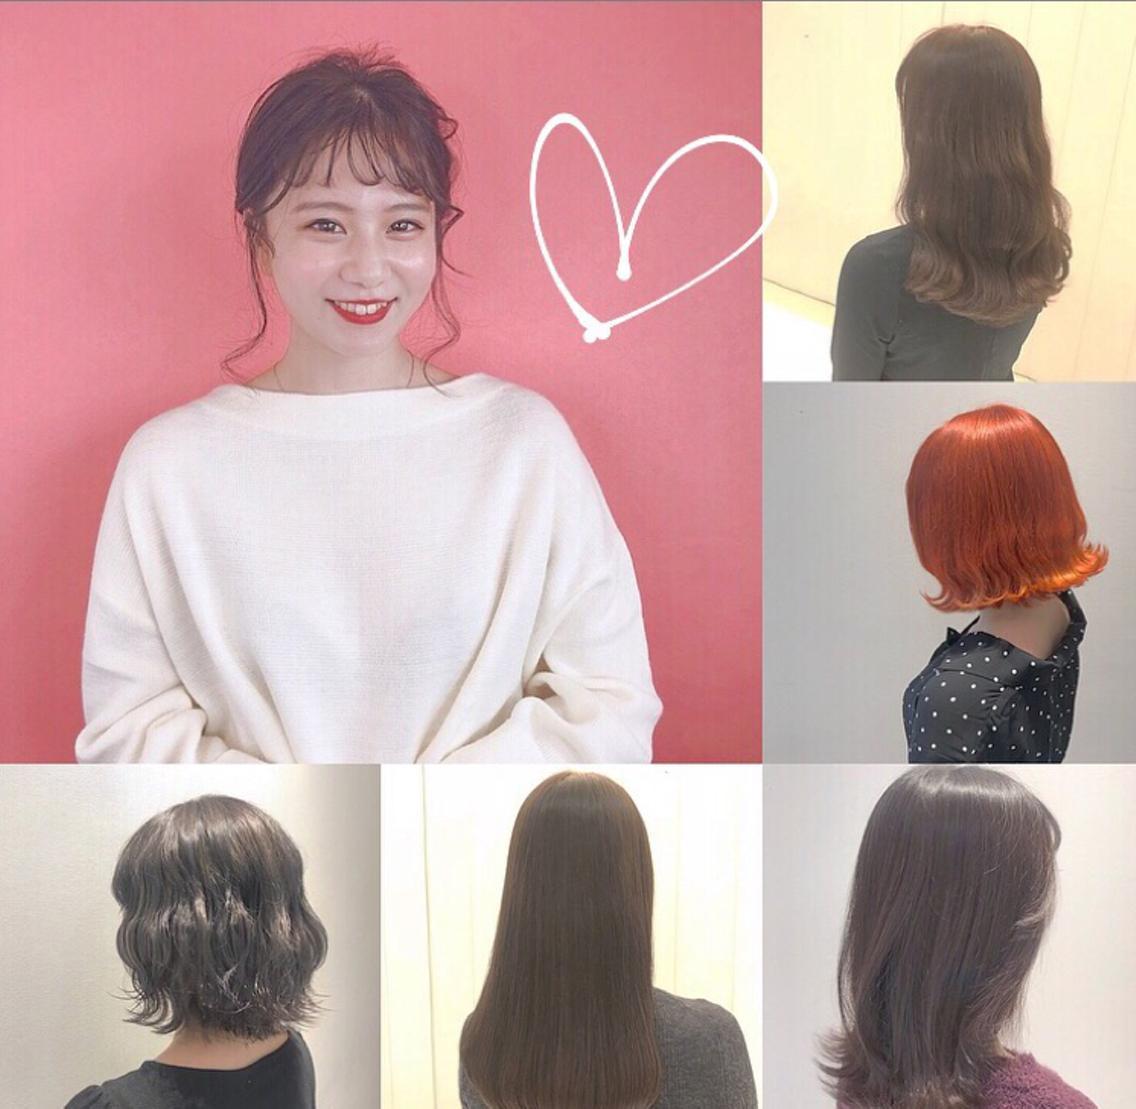 7月19日以降空きございます♡韓国style🇰🇷💗透明感カラー💚🧡ハイトーン🧡得意です💜💜夏に向けて可愛くさせてください🥺💗🧡💗🧡縮毛強制追加しました!当日予約⭕️⭕️